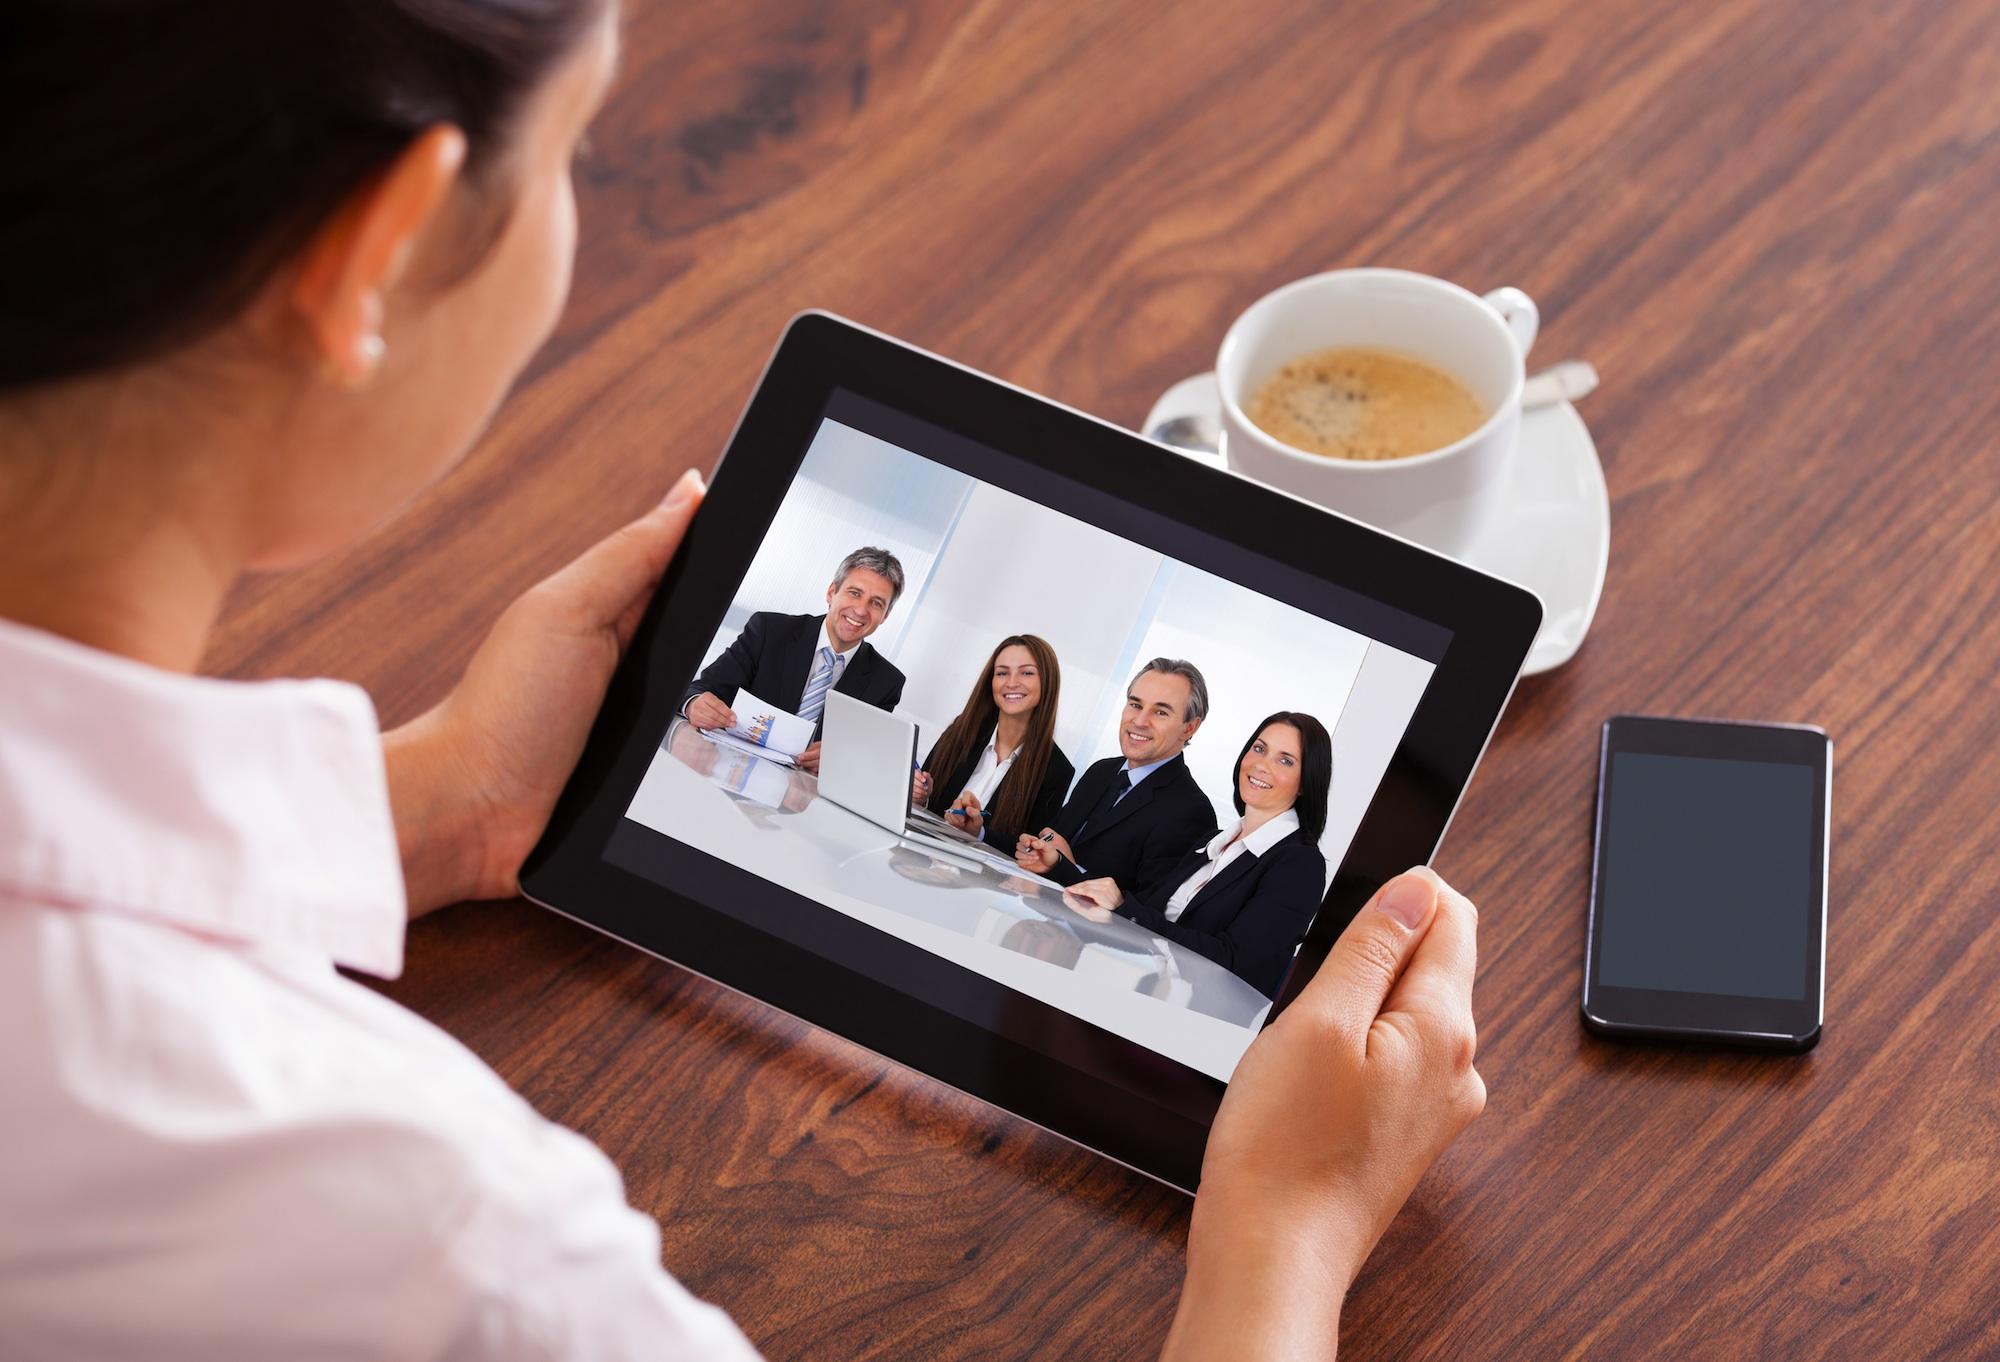 Virtual Team Meeting Managing a Virtual Team